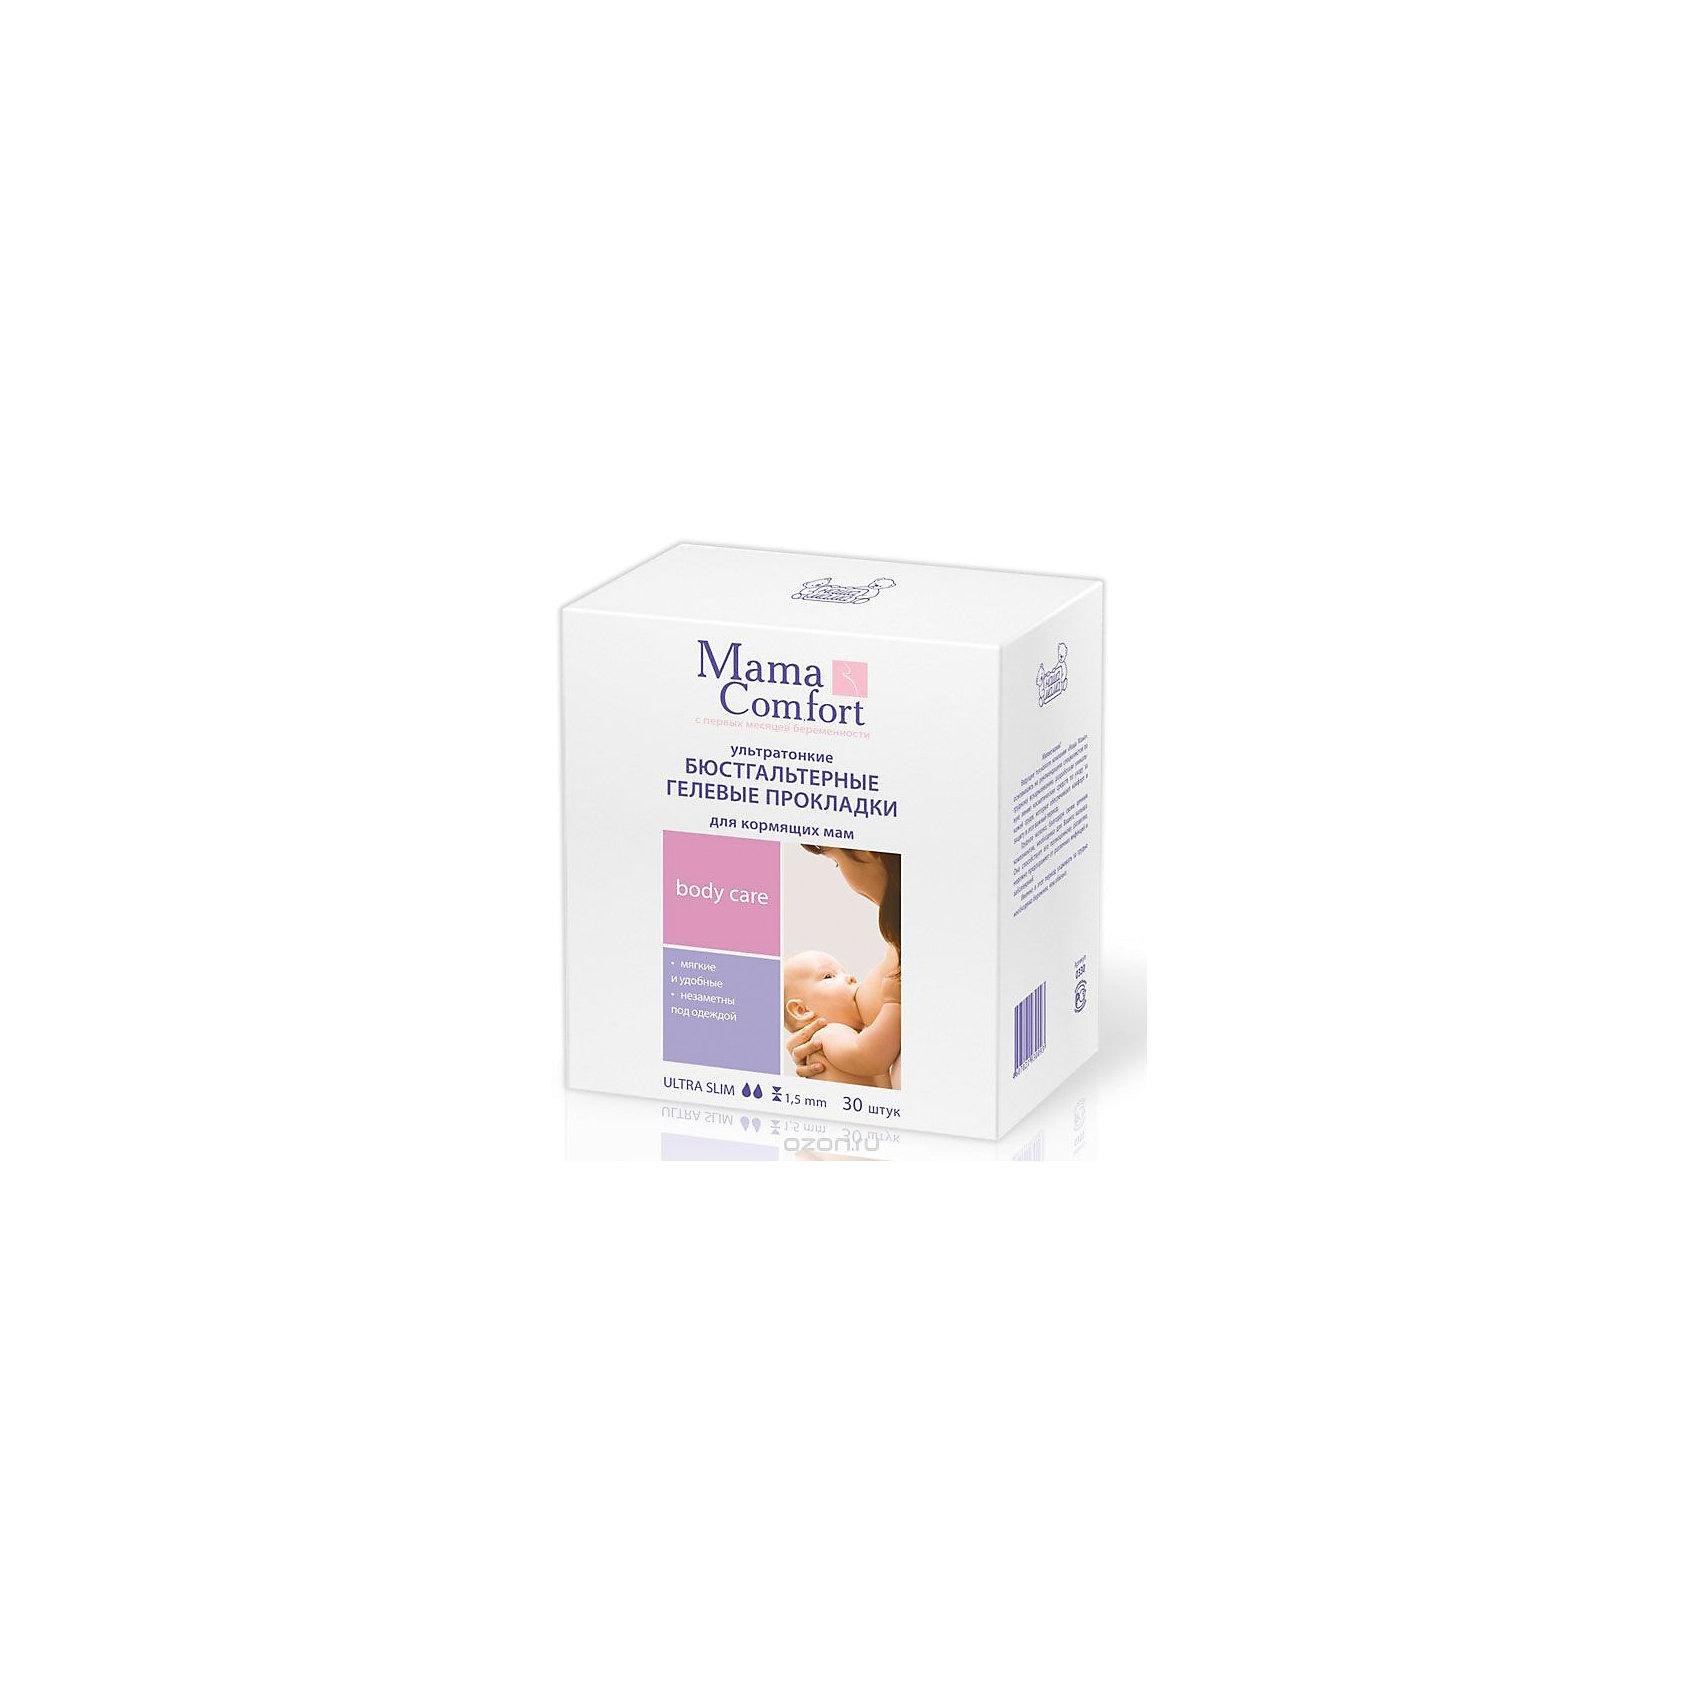 Бюстгальтерные гелевые прокладки для кормящих мам COMFORT 30 шт., MAMAНакладки на грудь<br>Во время лактации бюстгальтер промокает, что доставляет кучу неудобств кормящей матери. Тонкие (1,5 мм.) гелевые прокладки с нескользкой вставкой  Mama Comfort<br>избавят Вас от дискомфортных ощущений. Они обладают отличной впитываемостью за счет своей четырехслойной структуры, которая надежно защищает от протеканий. Прокладки  изготовлены из мягкого нетканого воздухопроницаемого материала, не натирающего нежную кожу вокруг груди.  Гелевые прокладки  абсолютно невидимые и их никто не увидит  под облегающей одеждой, что позволит Вам не изменяет своему стилю даже с появлением ребенка.<br><br>Дополнительная информация:<br> <br>- количество в упаковке (шт.): 30<br>- гигиена:  вкладыши для груди<br>- вес (кг): 0.3<br>- страна изготовления:  Россия<br>- страна- производитель: Франция<br>- вес в упаковке (кг): 0.35<br><br>Бюстгальтерные гелевые прокладки для кормящих мам Comfort     можно купить в нашем интернет-магазине.<br><br>Ширина мм: 250<br>Глубина мм: 150<br>Высота мм: 150<br>Вес г: 150<br>Возраст от месяцев: -2147483648<br>Возраст до месяцев: 2147483647<br>Пол: Унисекс<br>Возраст: Детский<br>SKU: 4801608